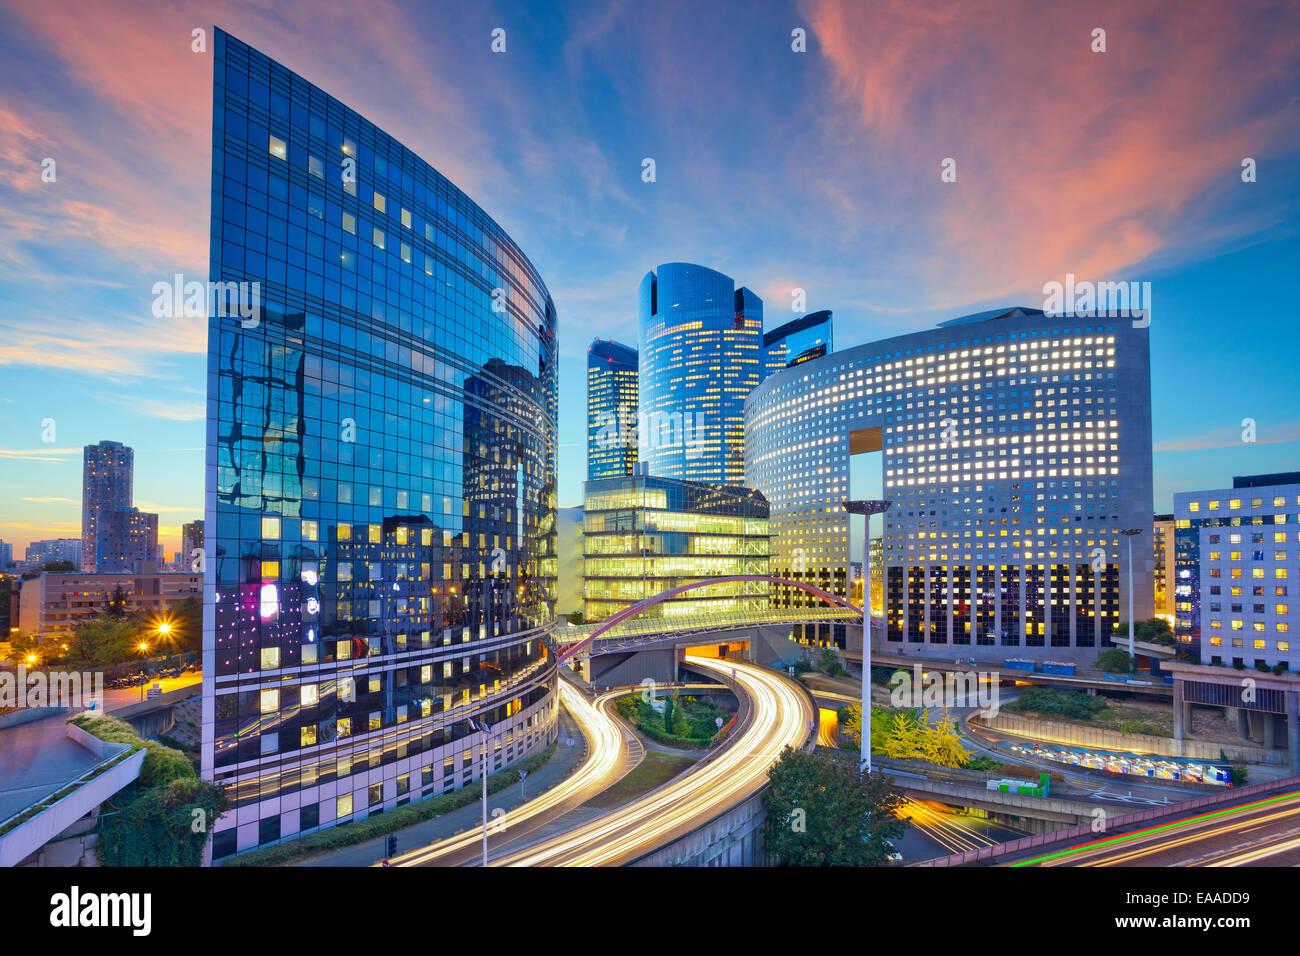 Bild von Bürogebäuden im modernen Teil von Paris - La Défense während des Sonnenuntergangs. Stockbild